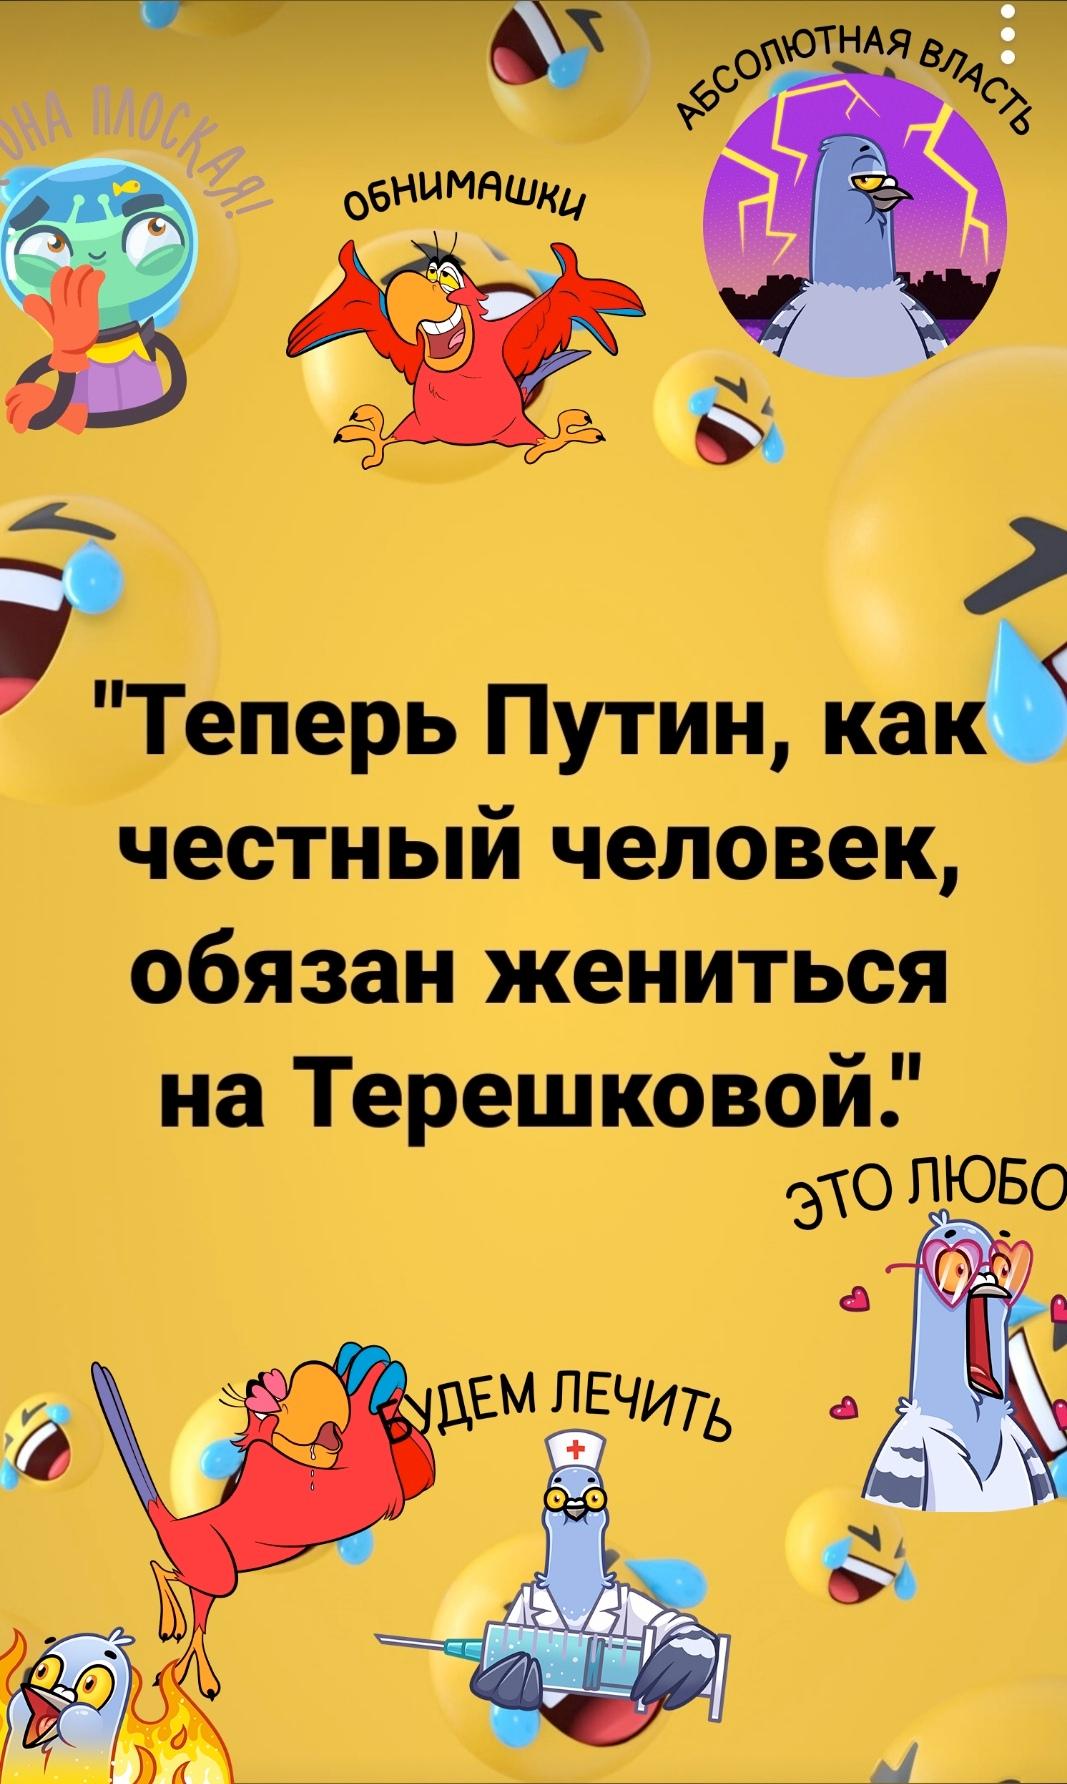 https://sun9-33.userapi.com/c858336/v858336159/1984e7/_hZv2-6dUfo.jpg